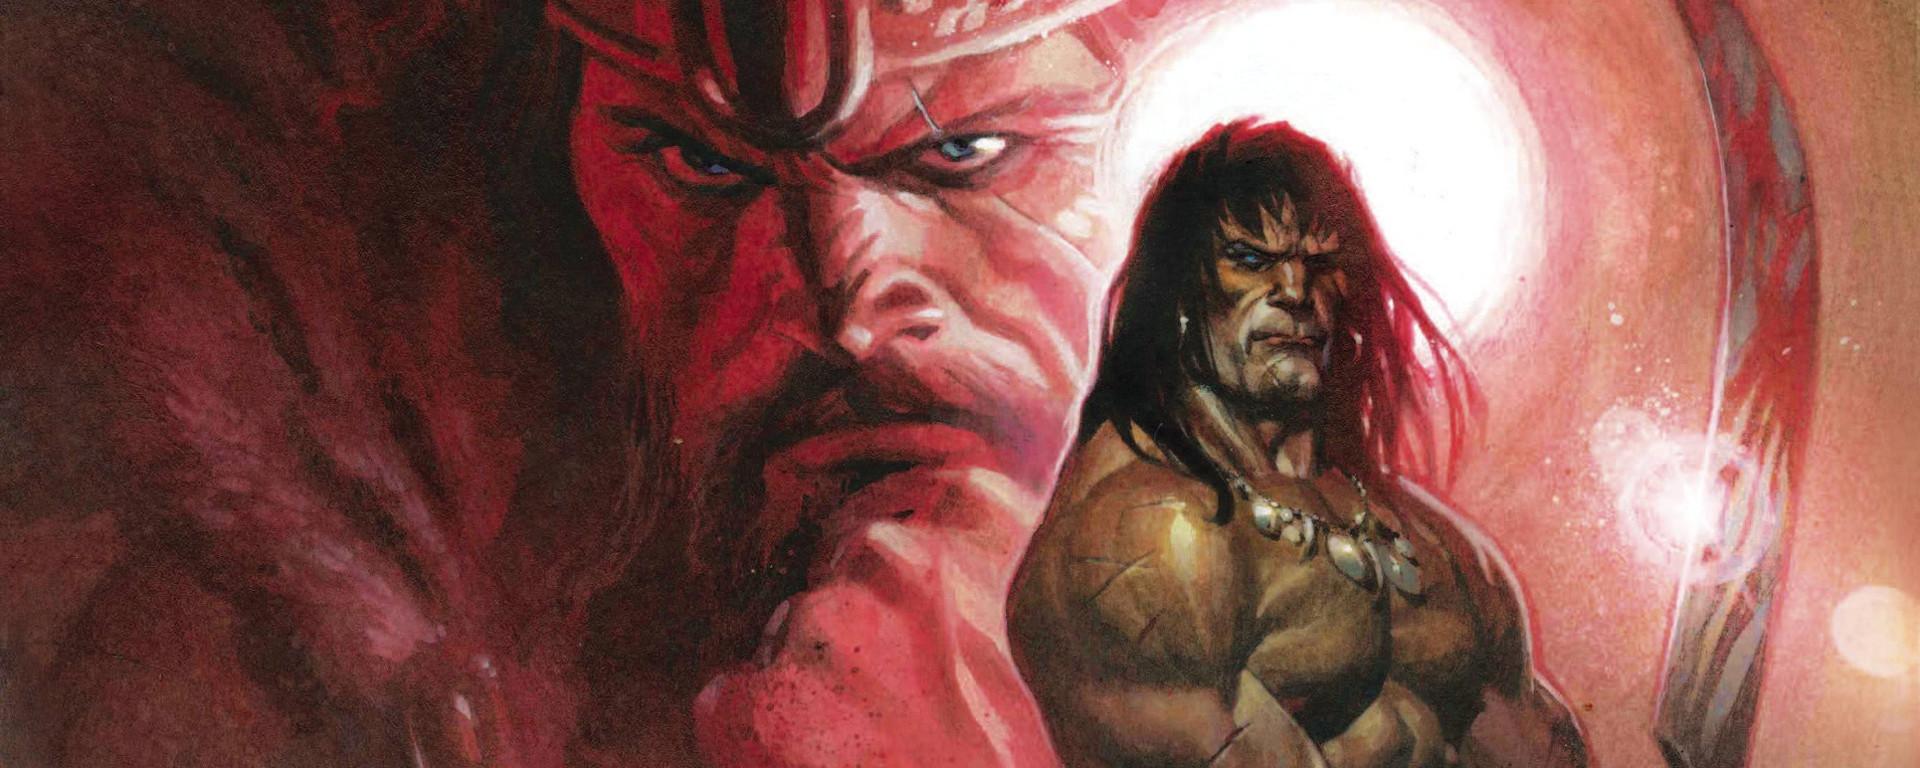 King-Size Conan #1 Header